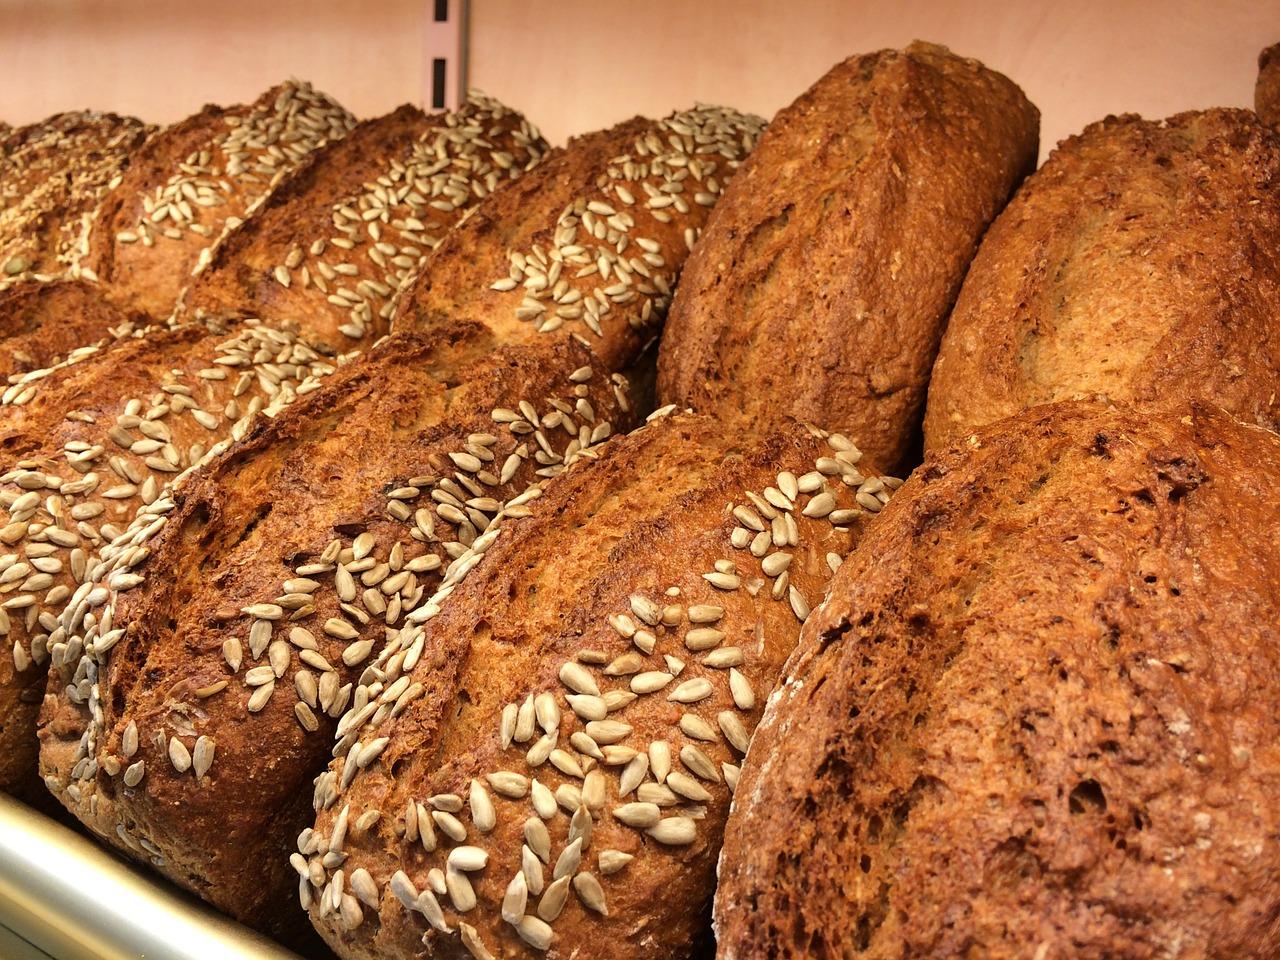 Pan nutrición bio ems Alicante